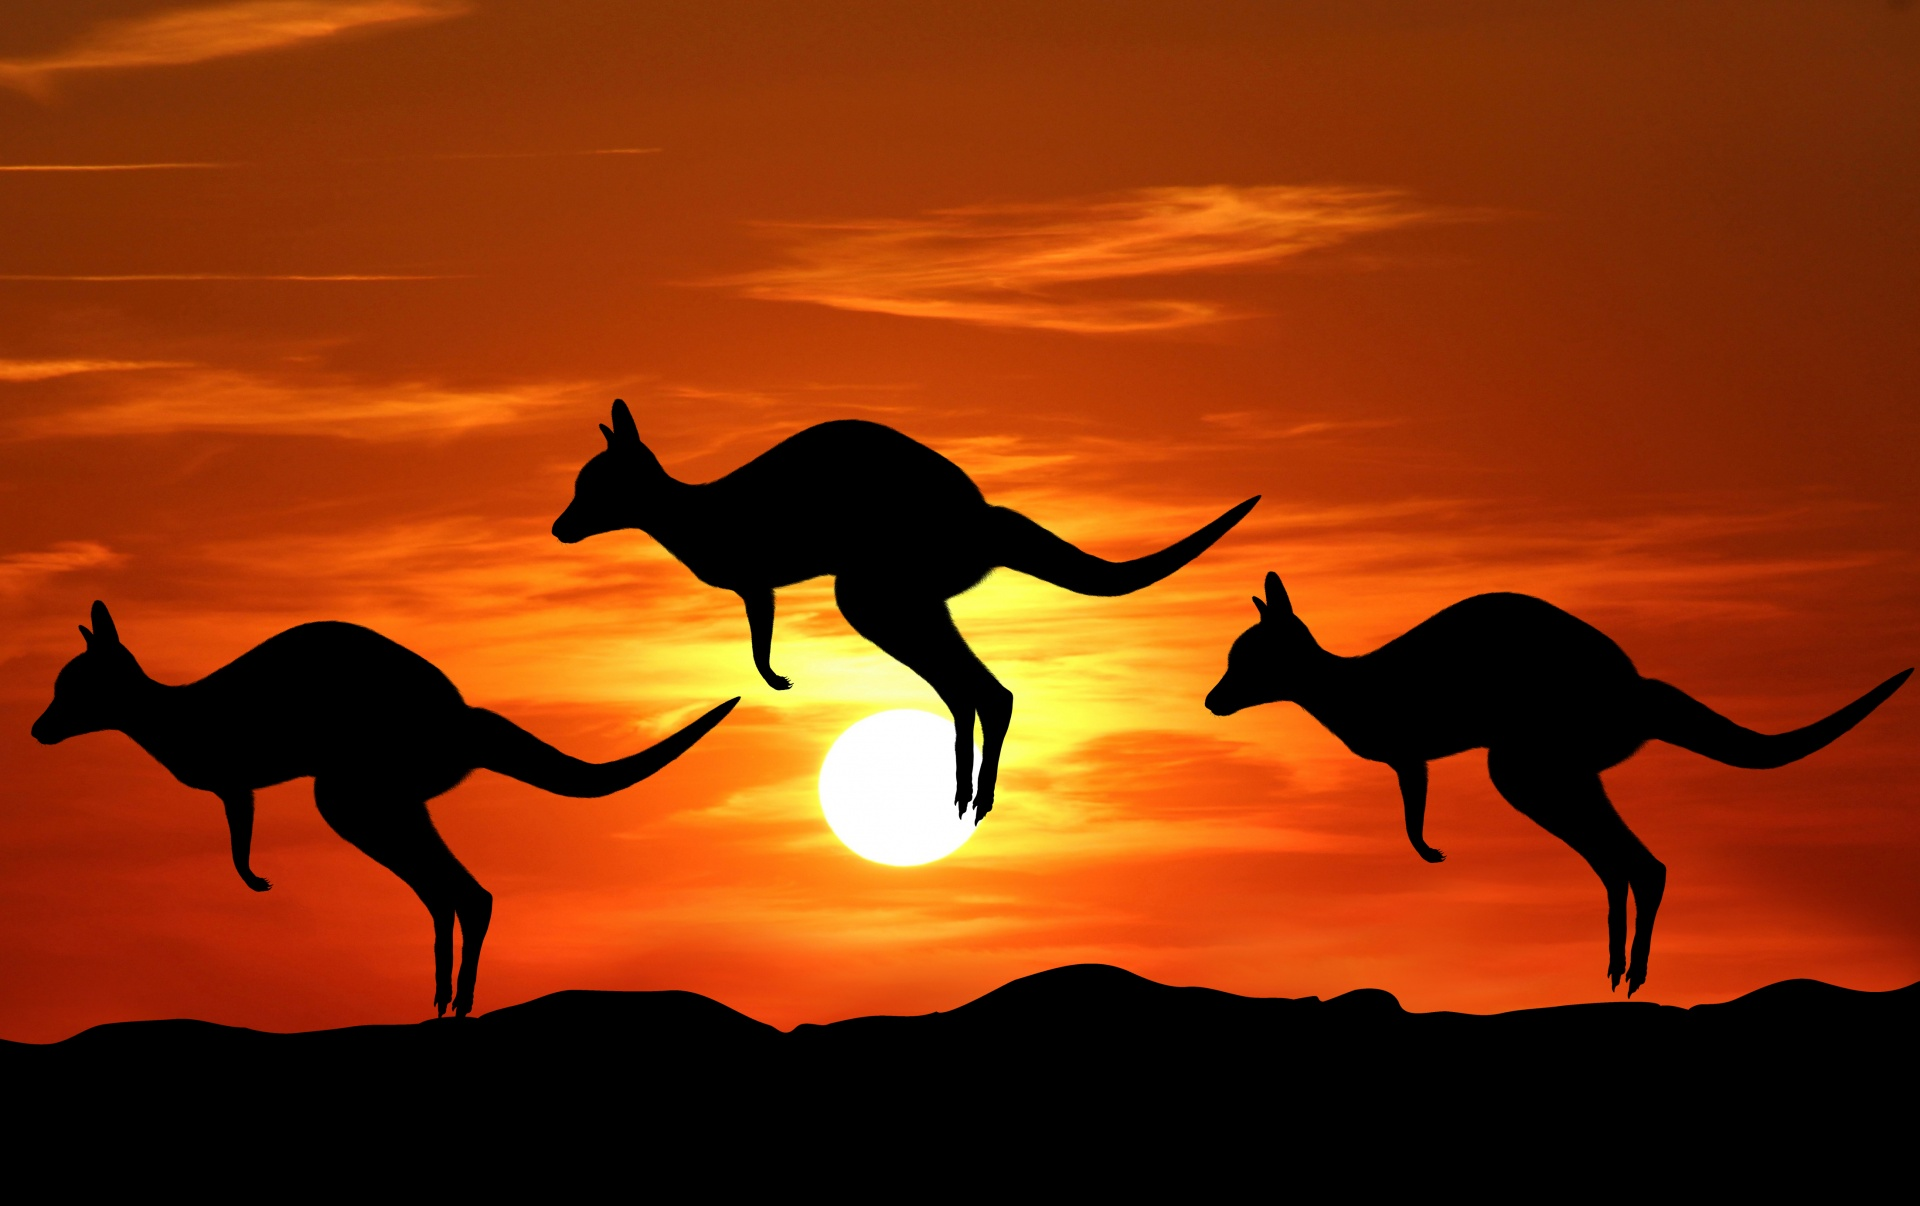 映画 Australia (オーストラリア) のあらすじ・感想